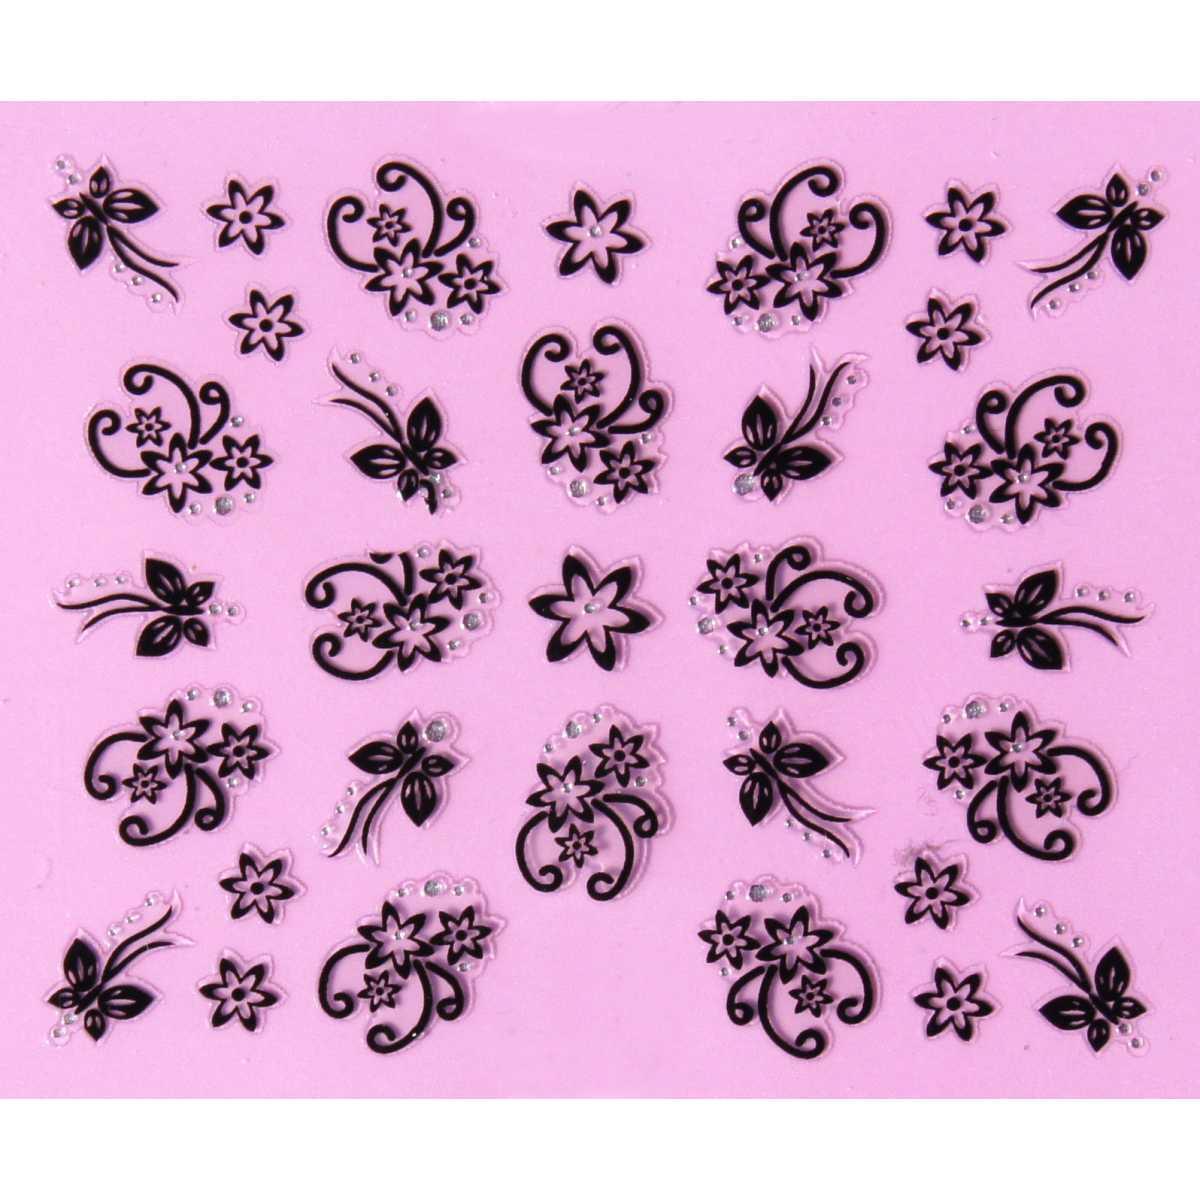 https://www.kit-manucure.com/742-thickbox_default/stickers-fleurs-et-papillons-argent.jpg